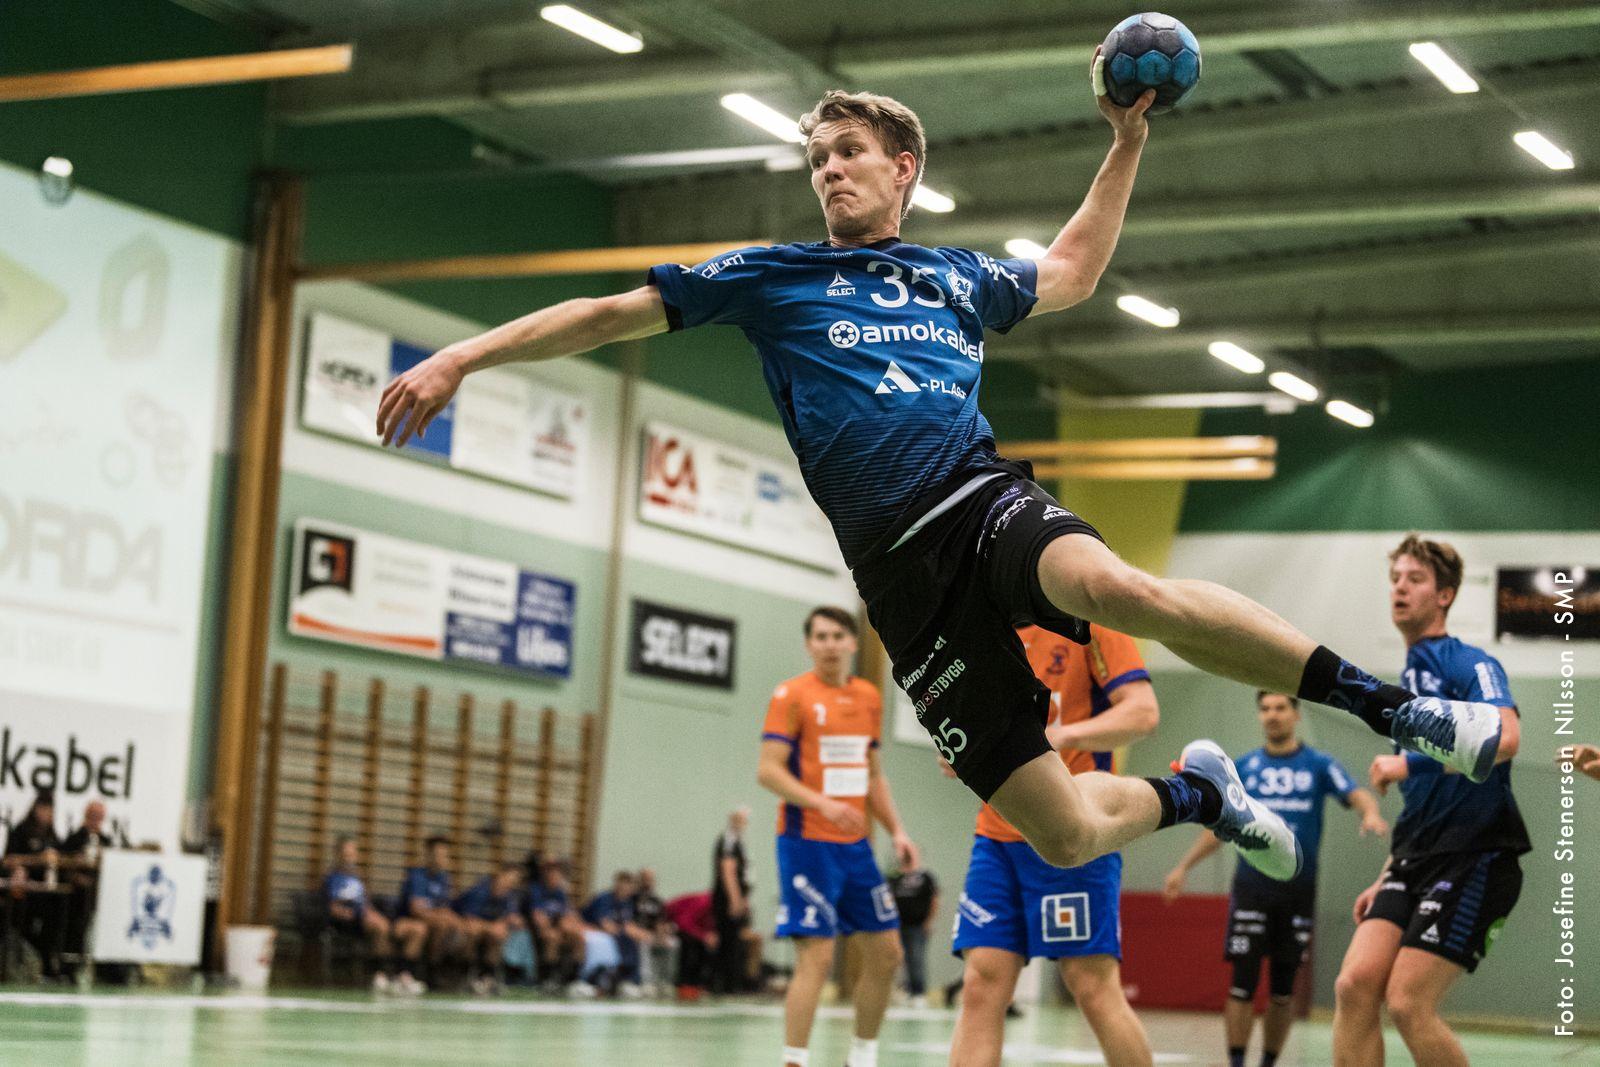 Stabil seger mot LIF Lindesberg